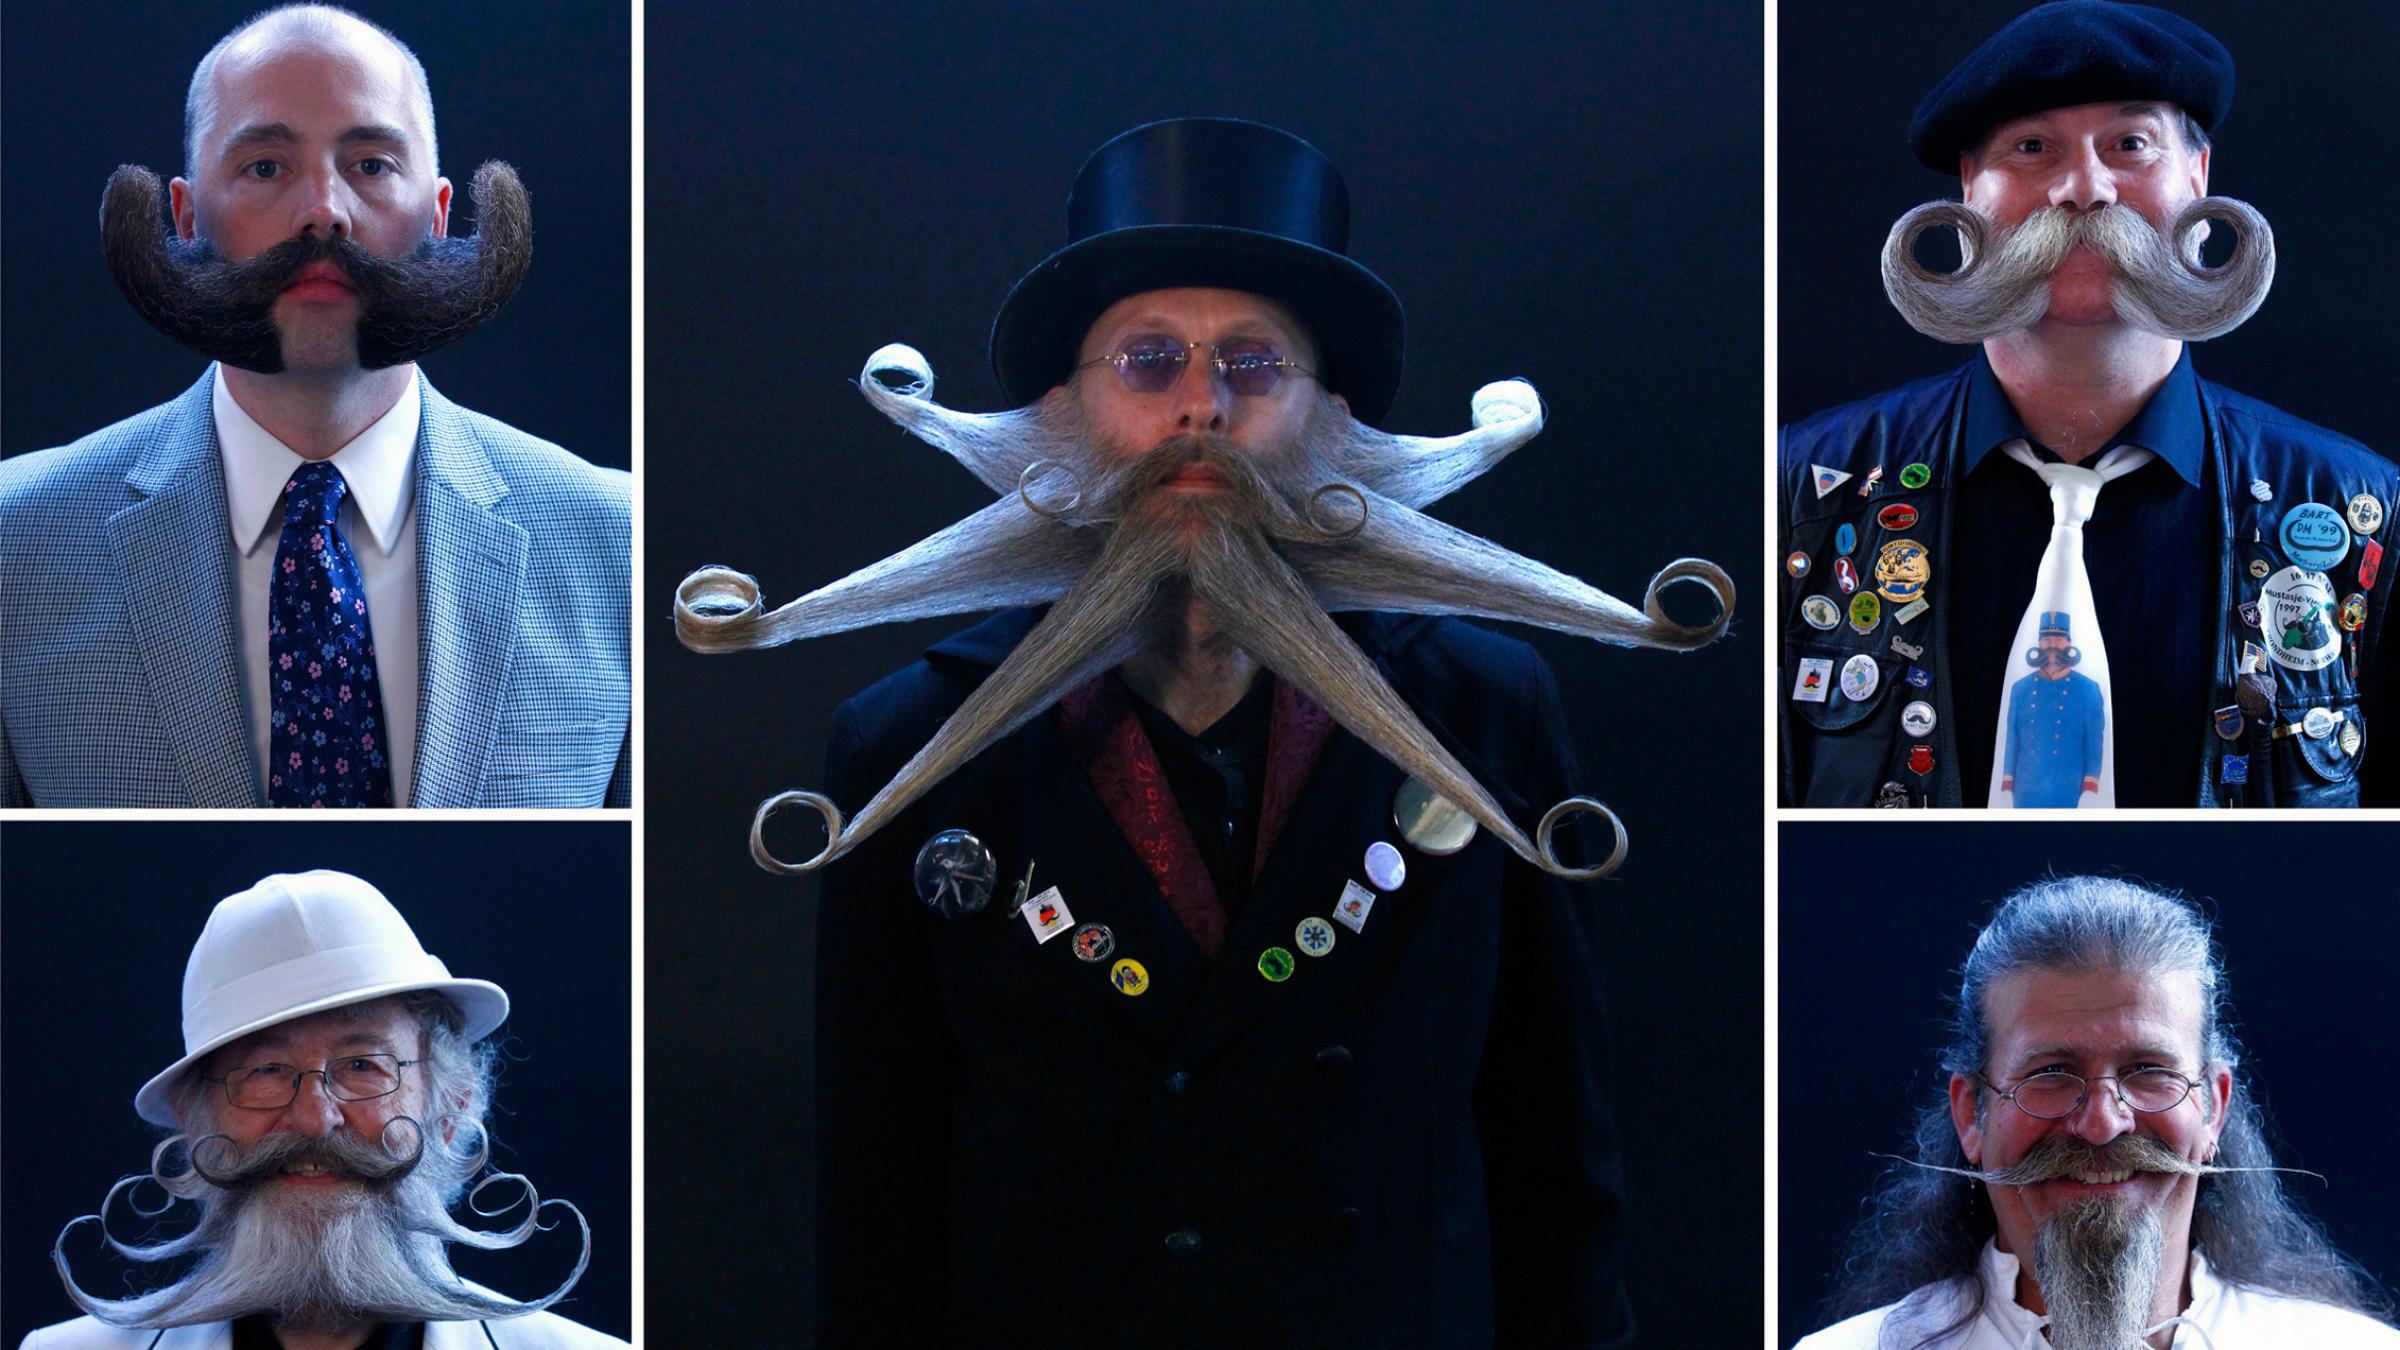 Beards USA